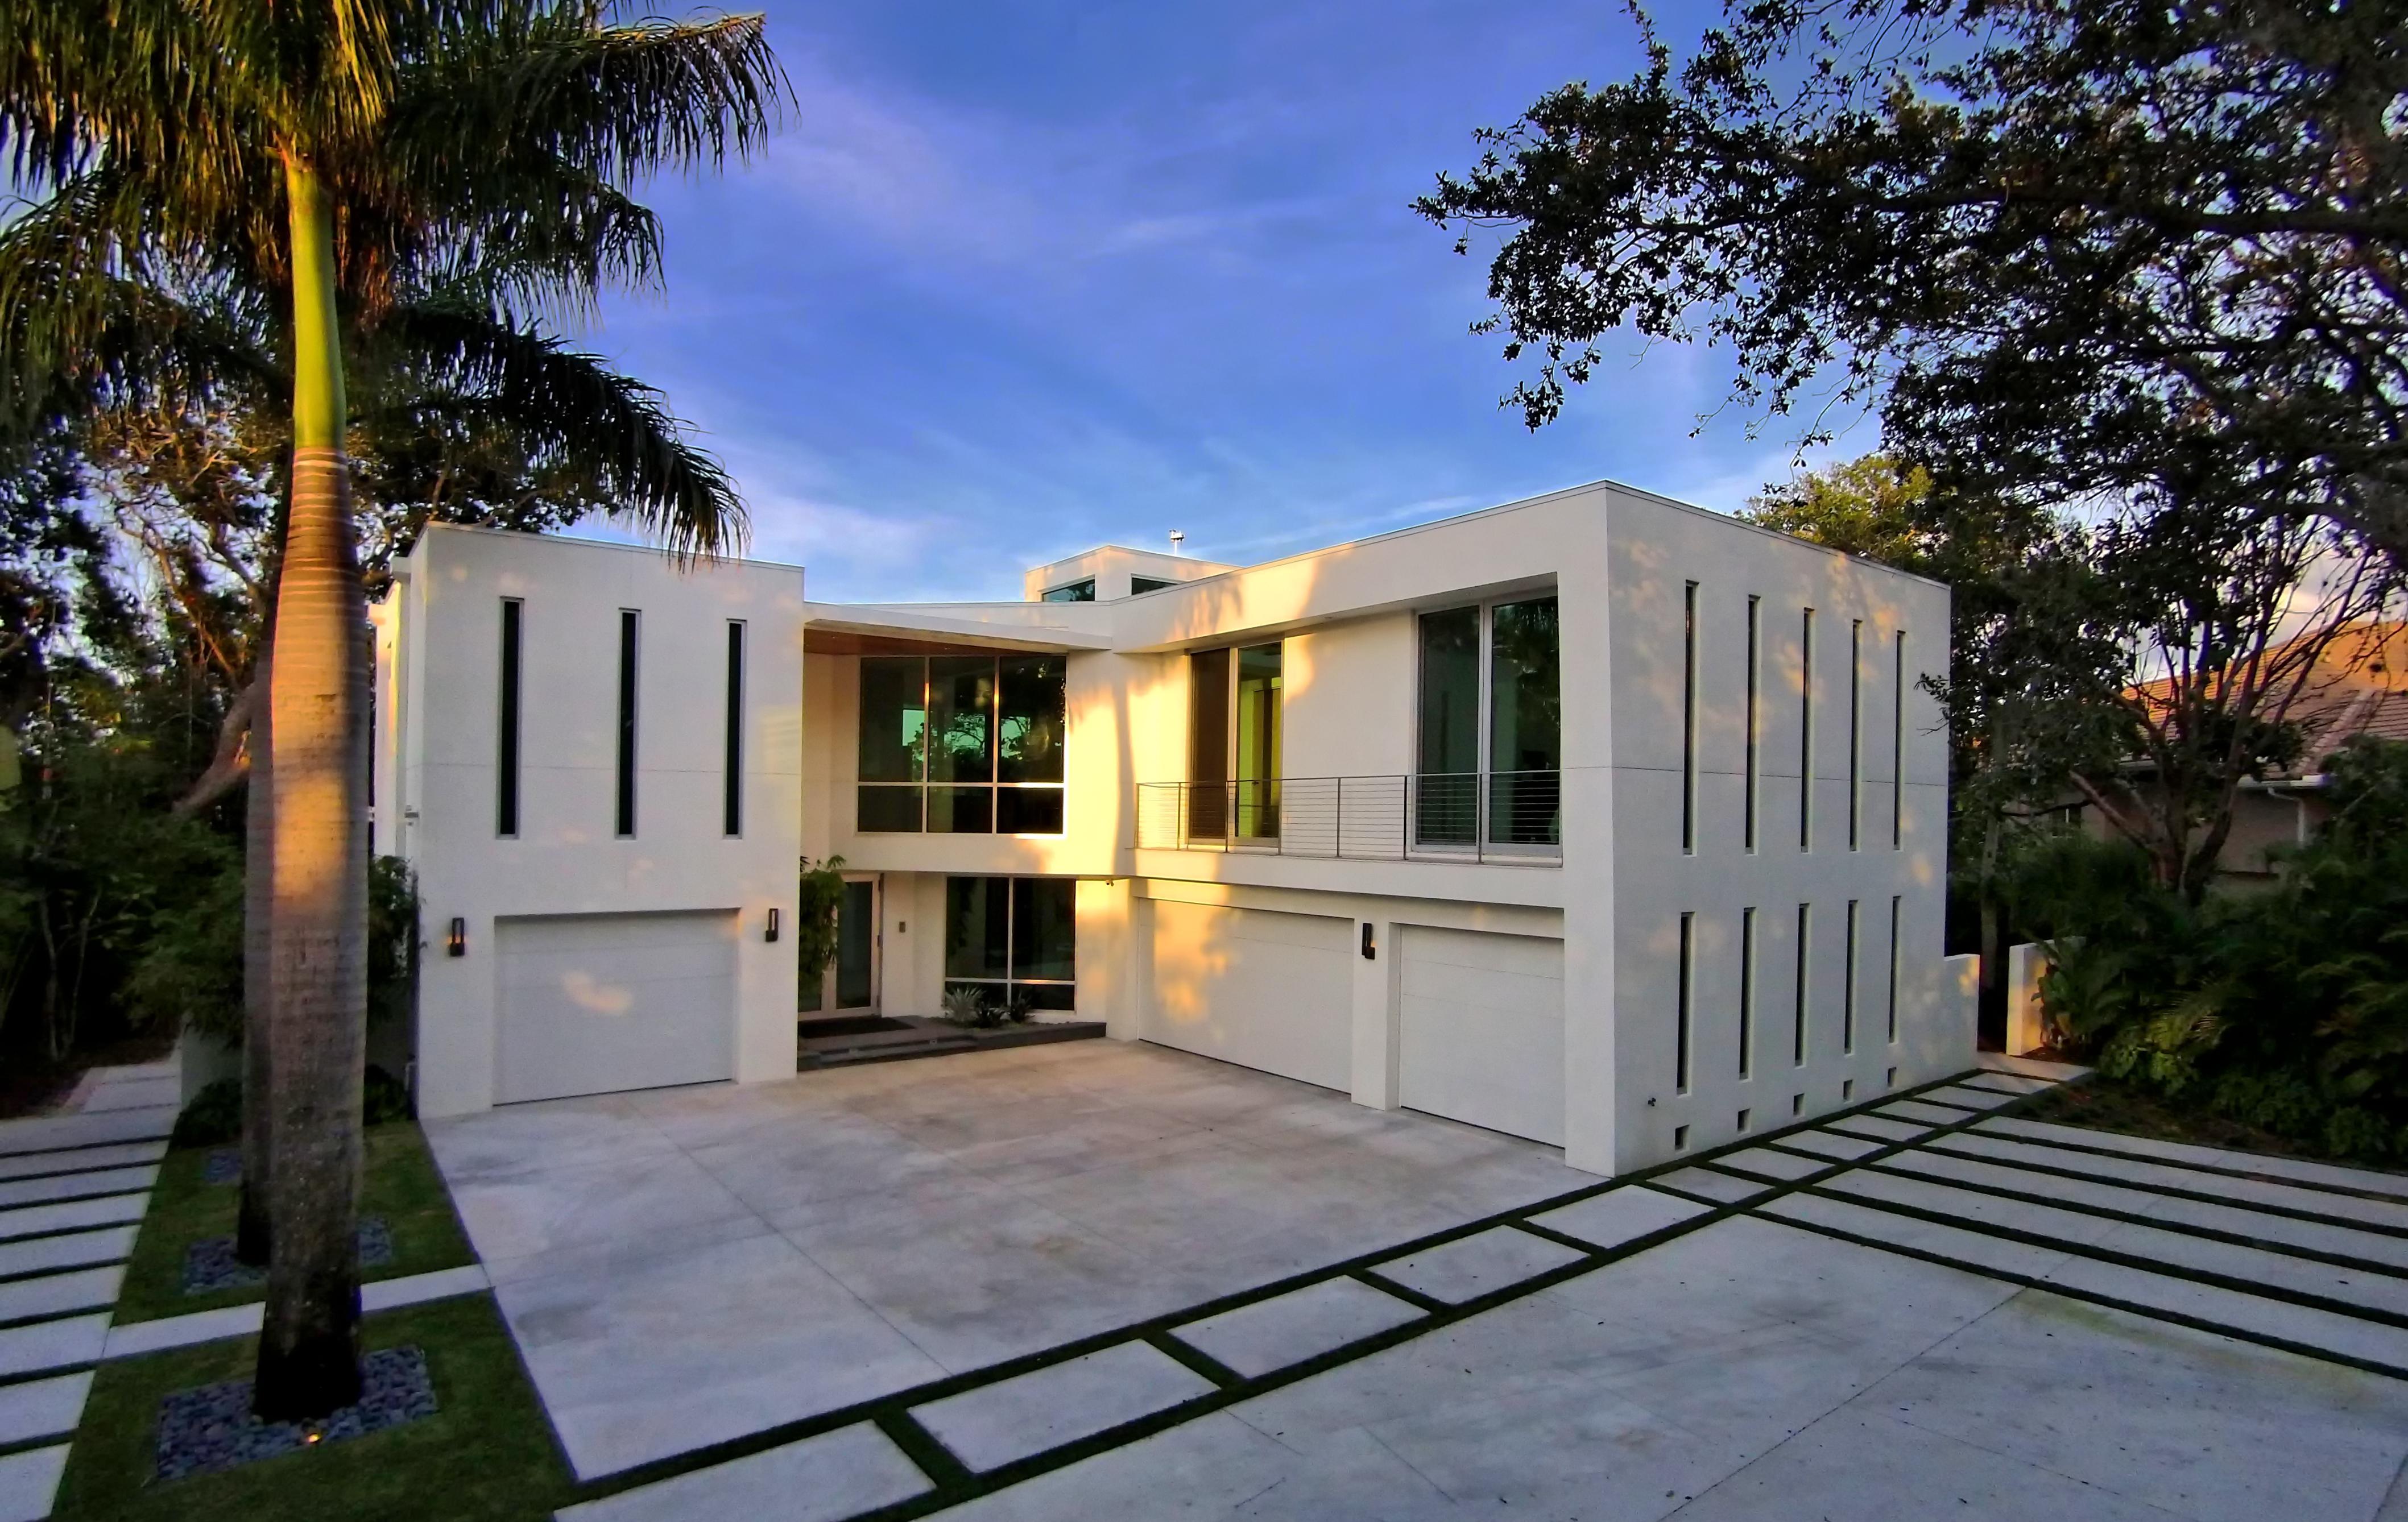 Residence 10 residential architect dsdg architects for Florida residential architects